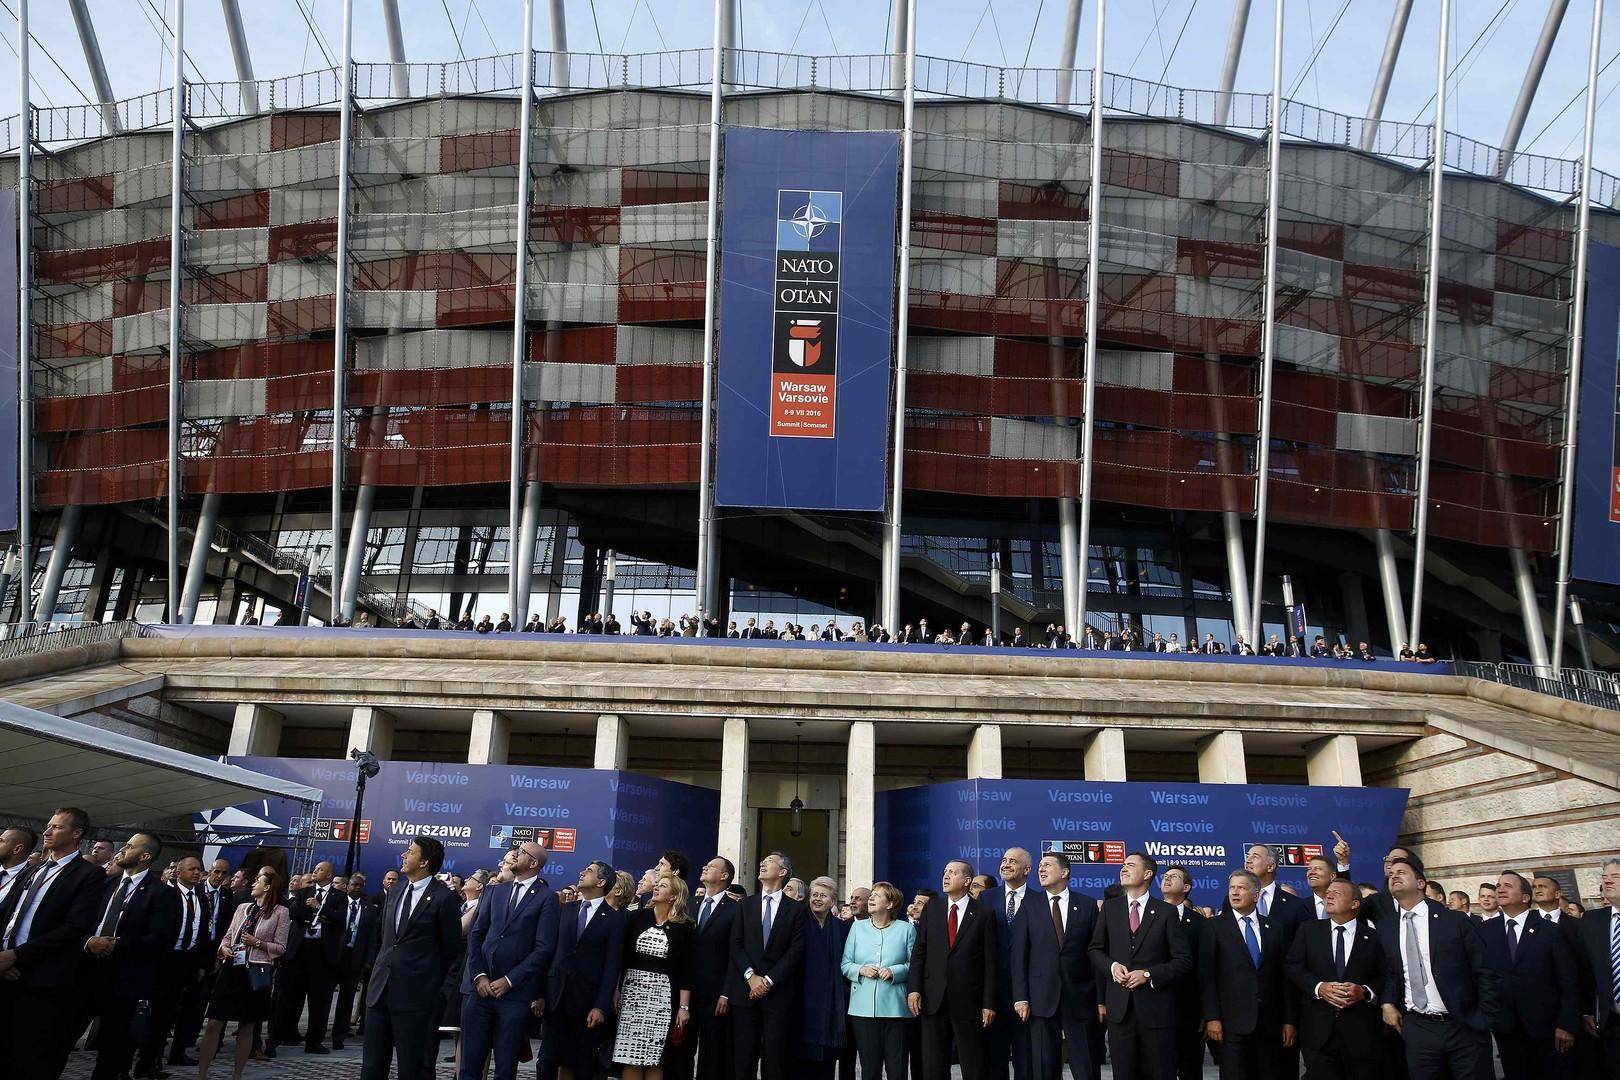 Саммит НАТО в Варшаве. Страны-члены альянса закрепили решение о размещении дополнительных сил в Восточной Европе и договорились о совместном противостоянии «российской угрозе».